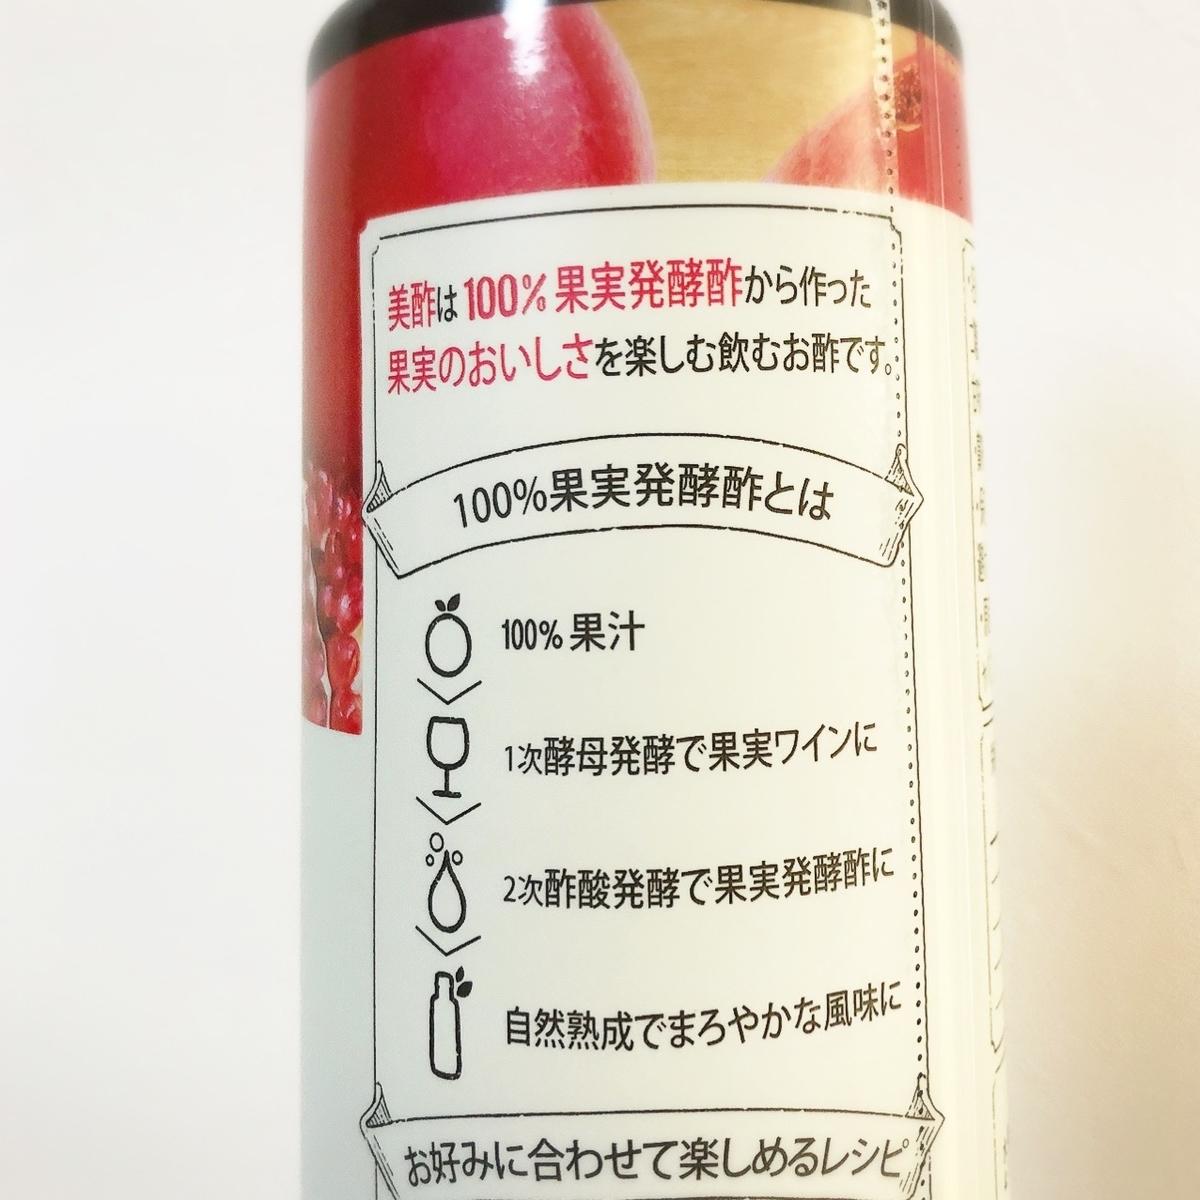 f:id:miochimaru:20201023202014j:plain